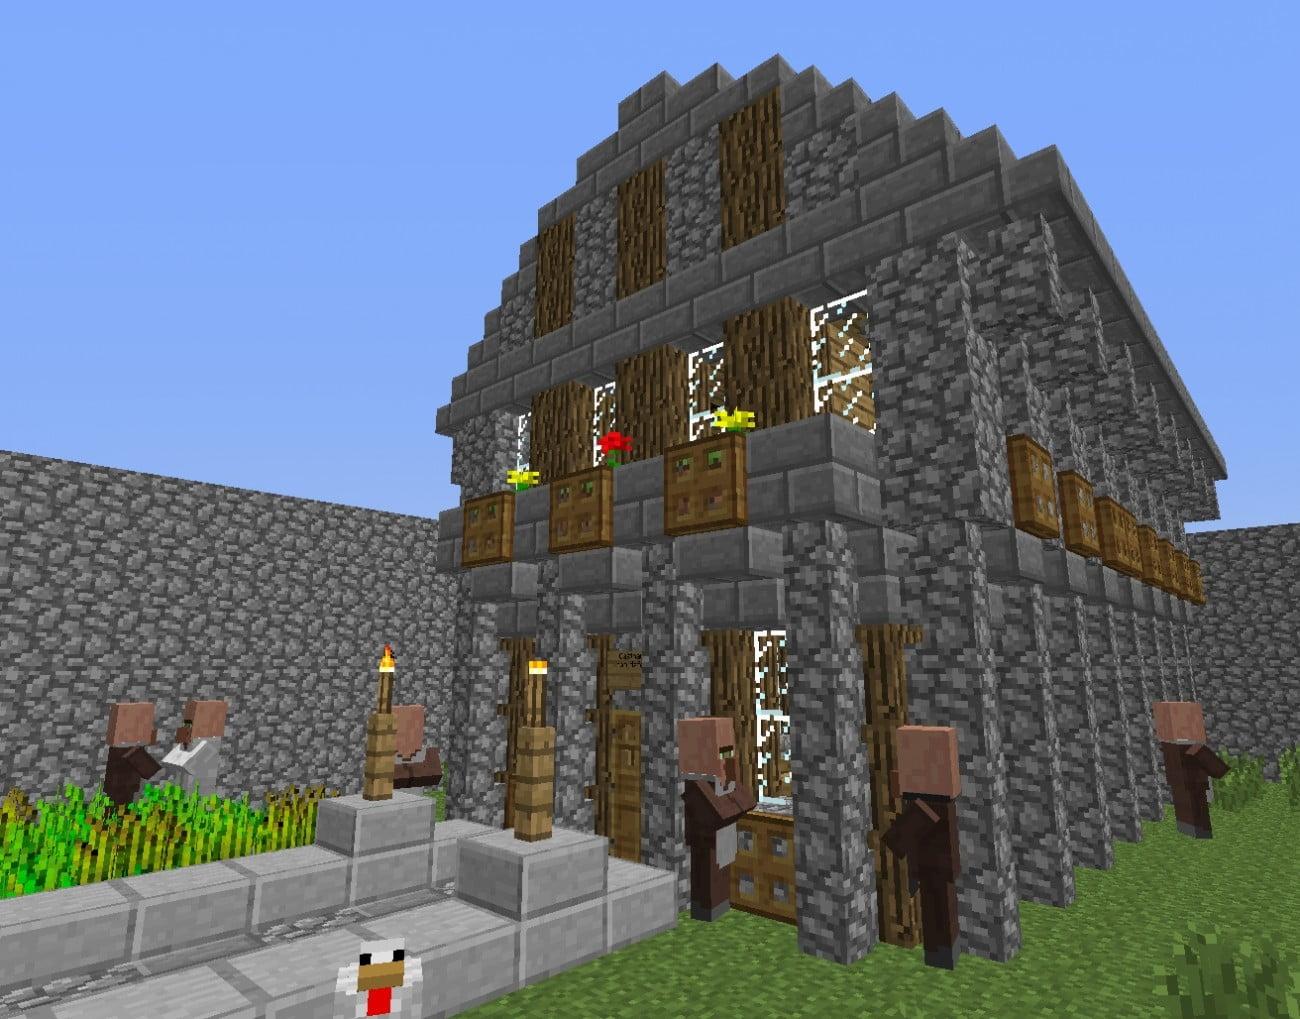 Mittelalter Haus In Minecraft Bauen Minecraft bauideende